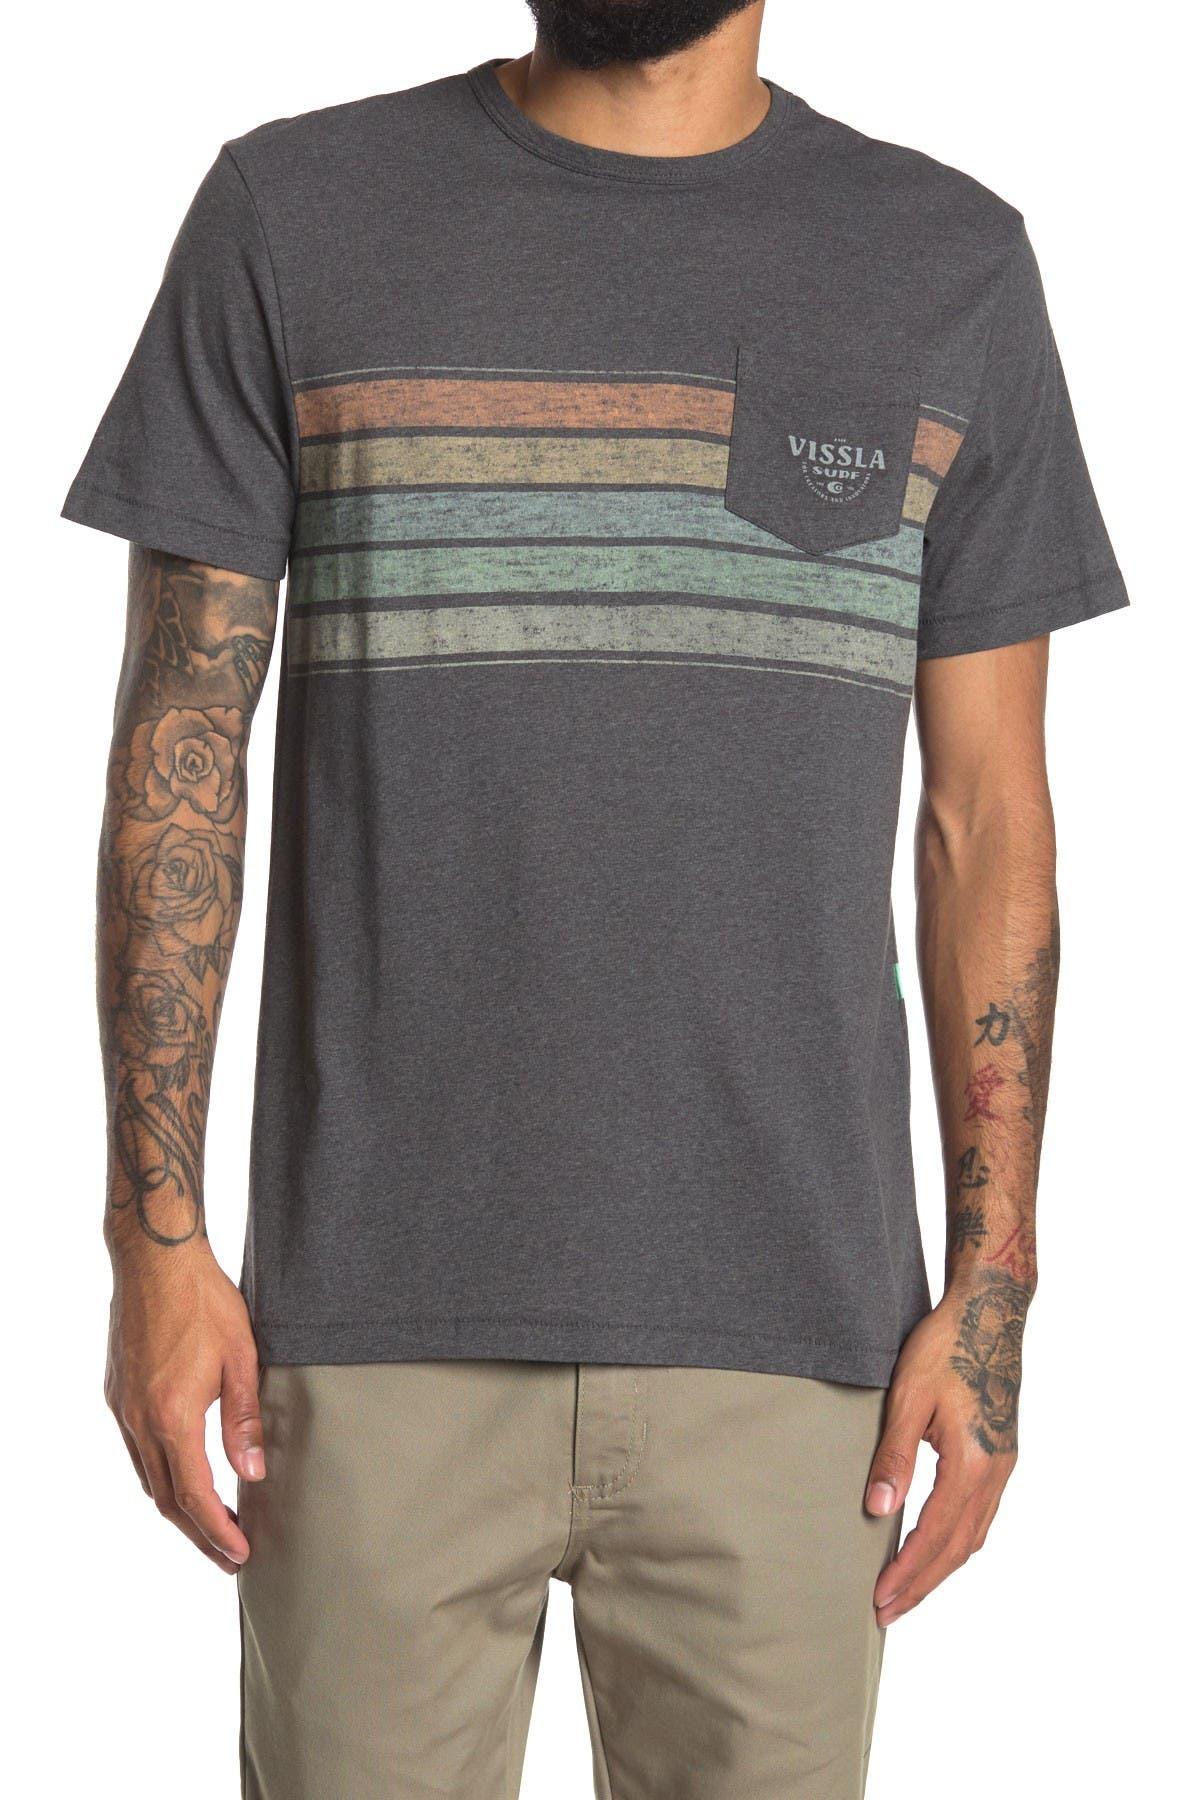 Image of VISSLA Hi-Five Stripe Printed Pocket T-Shirt